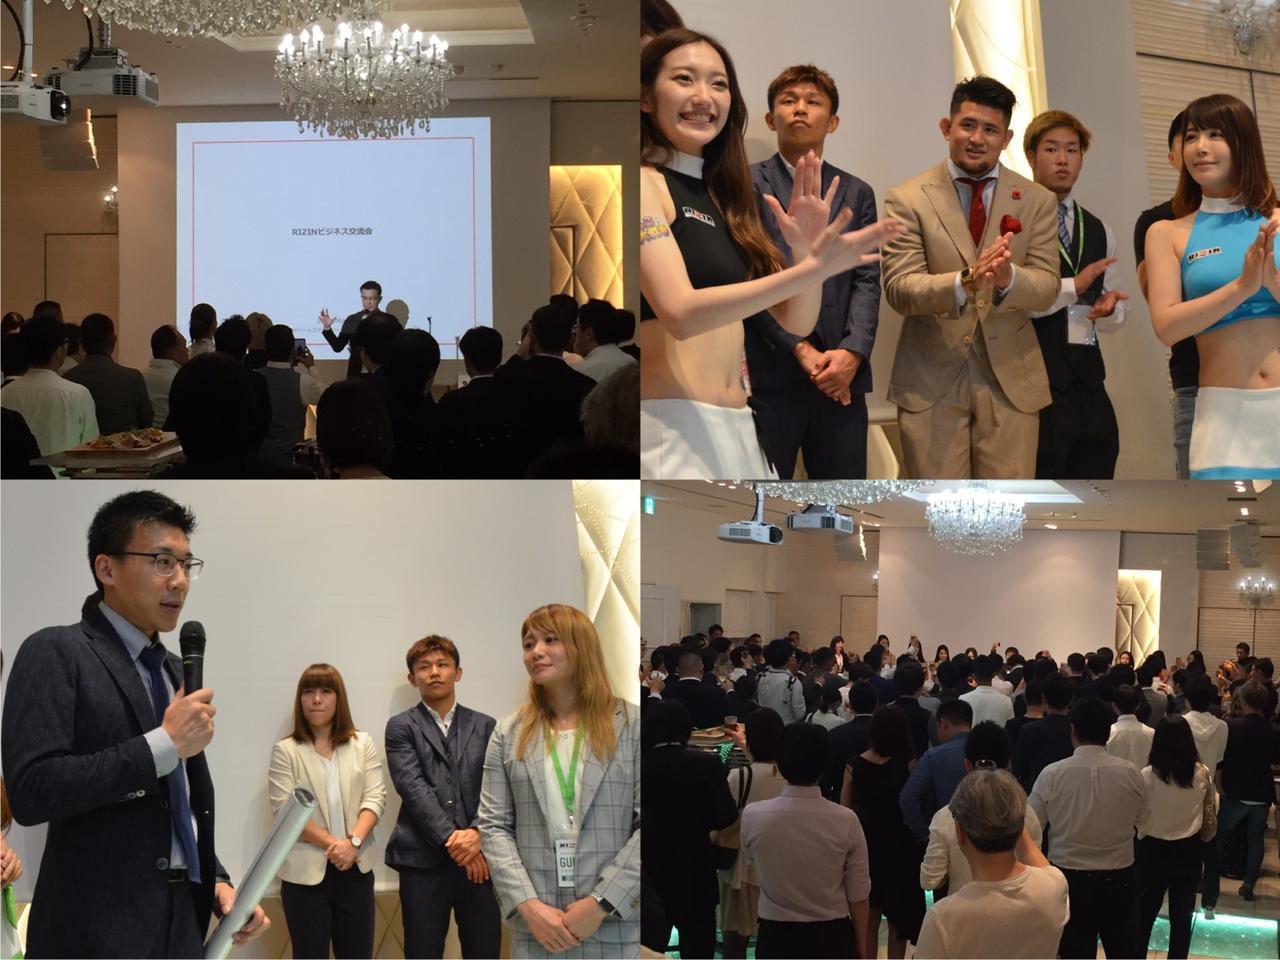 画像: 第一回RIZINビジネス異業種交流会の様子